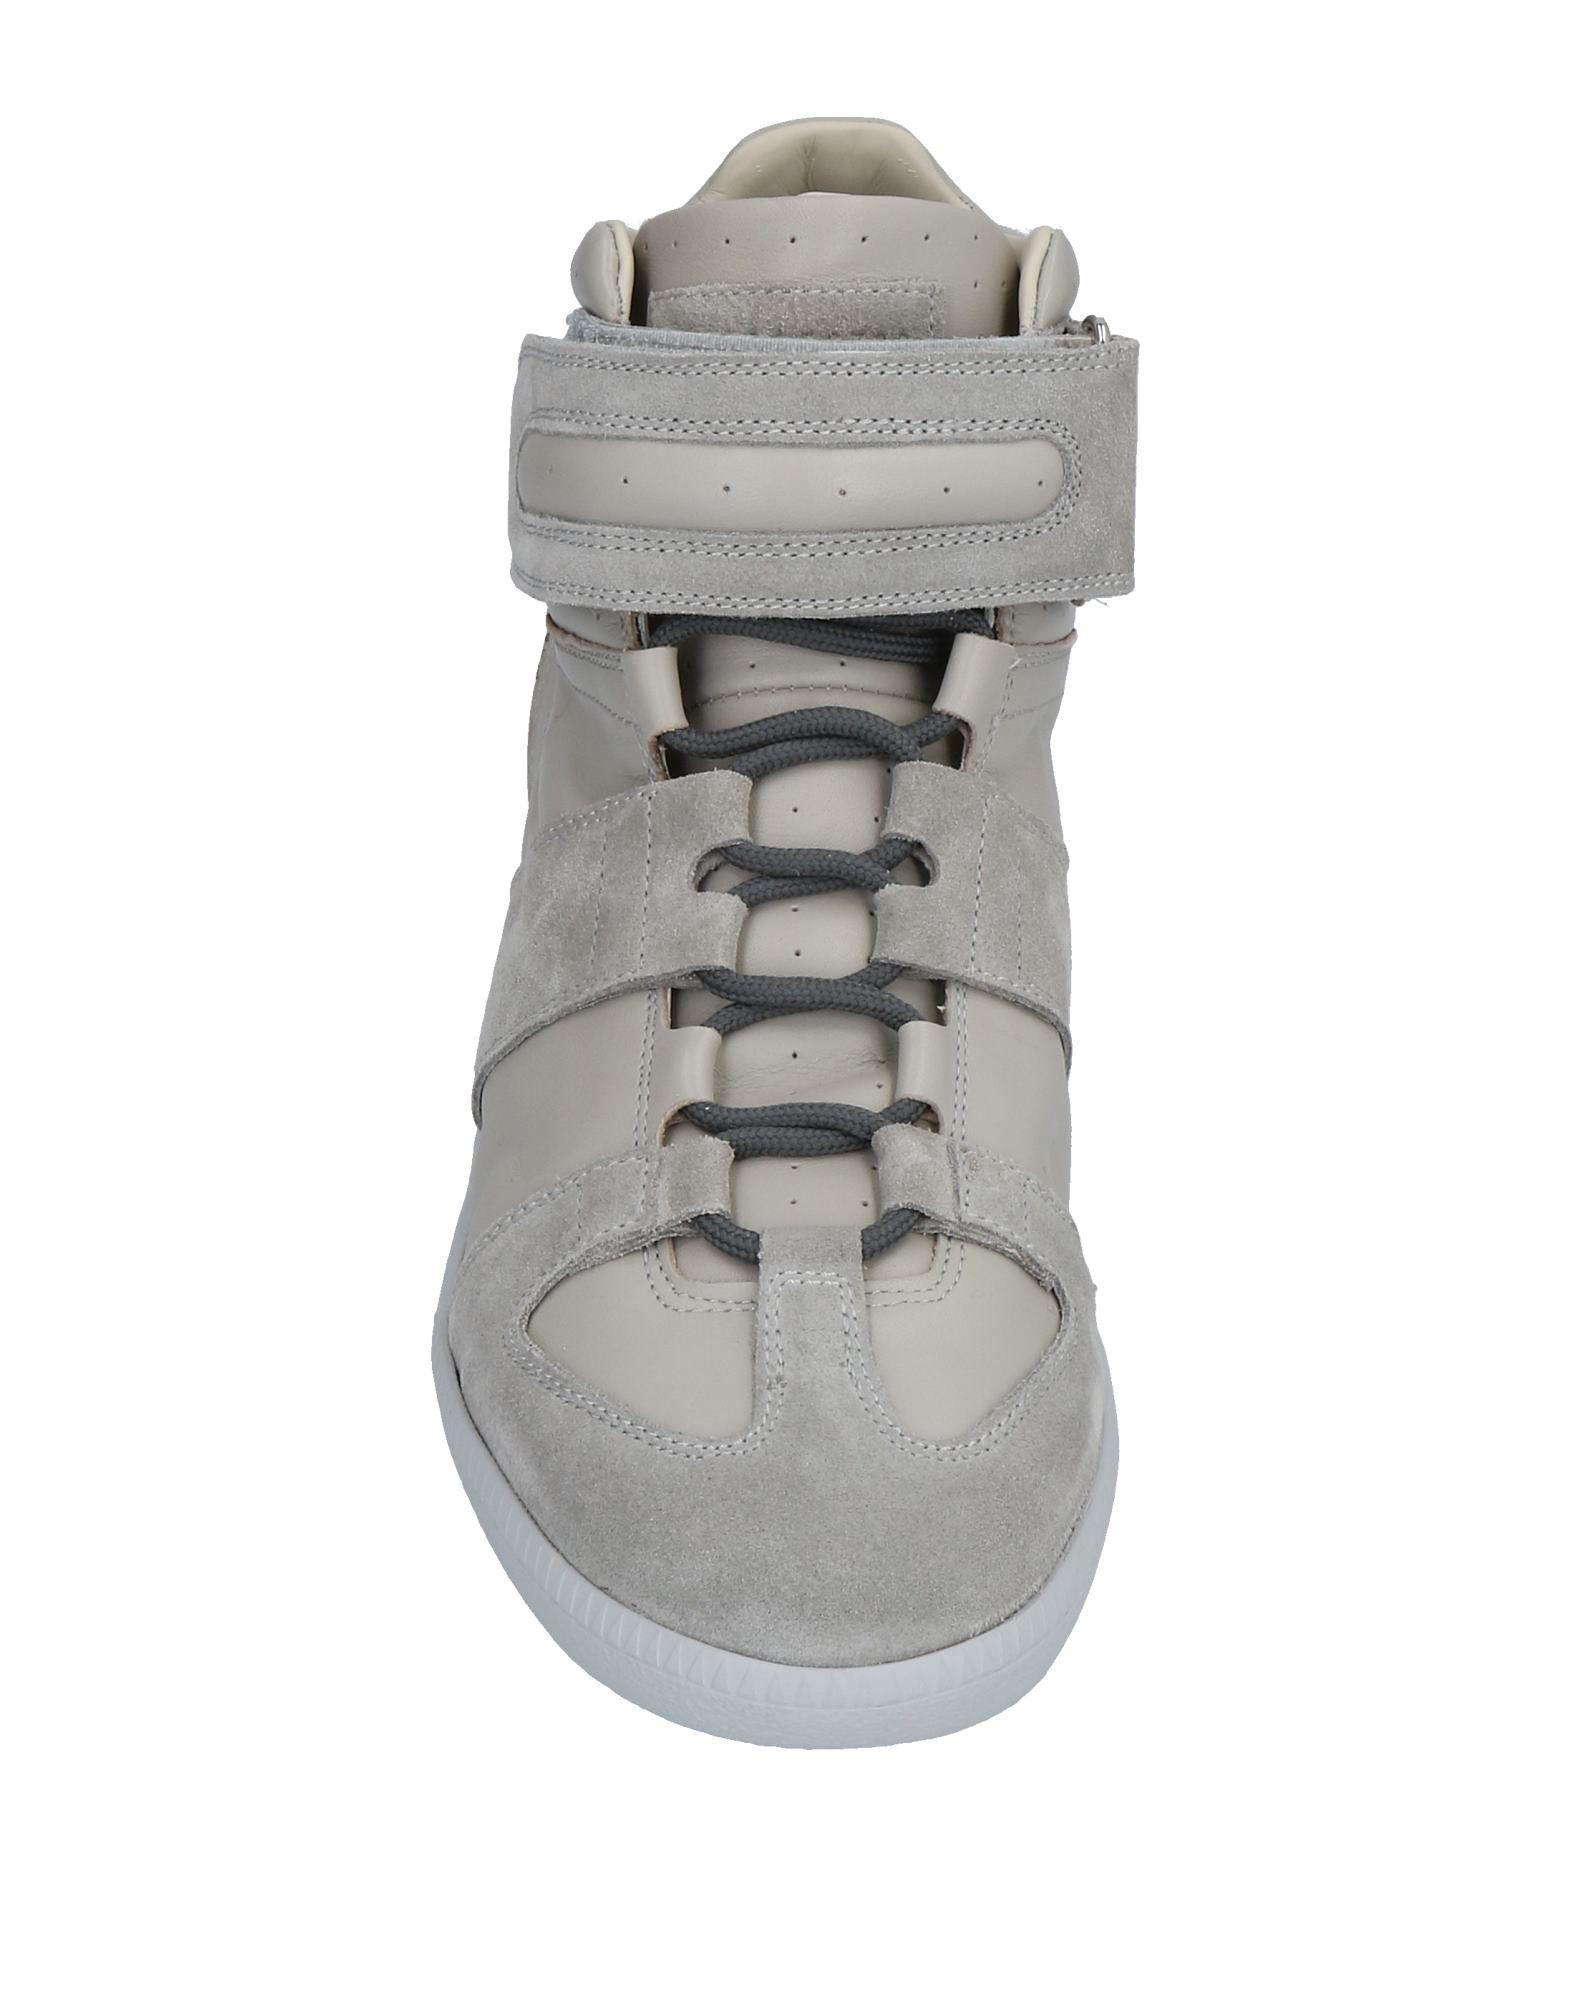 Maison Margiela Sneakers Herren beliebte  11471910CA Gute Qualität beliebte Herren Schuhe 48455d